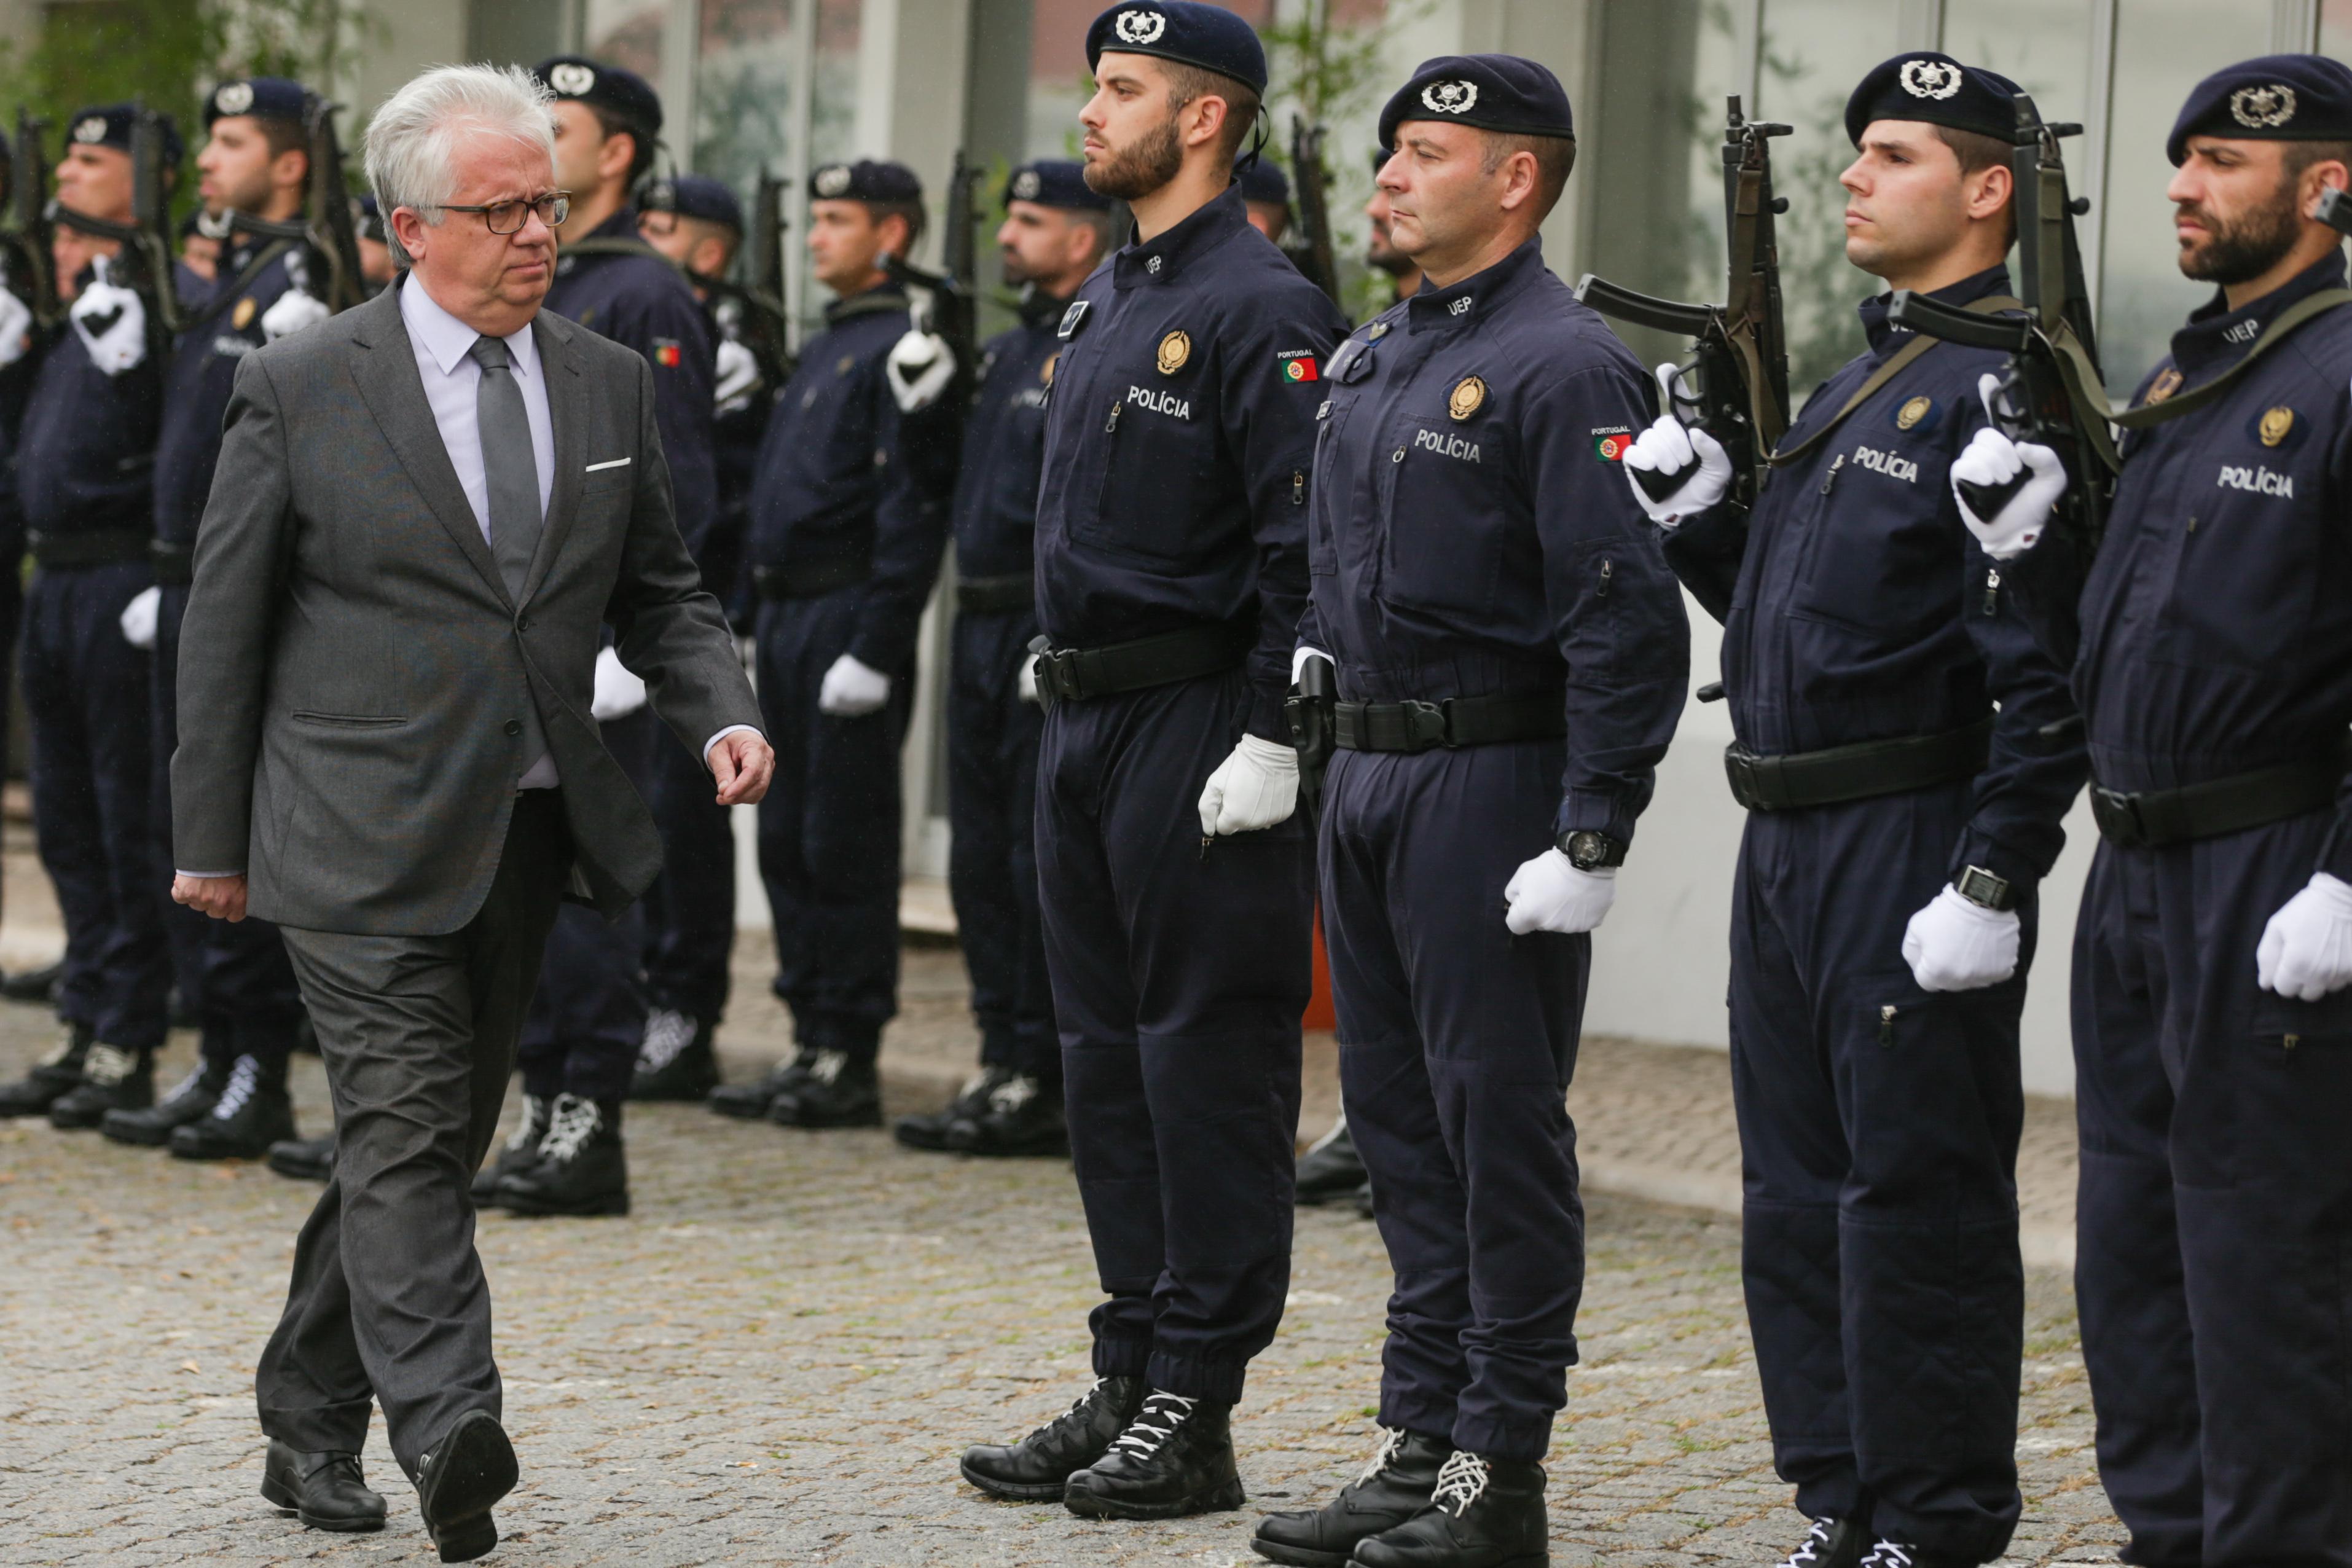 MAI prevê poupar três ME com novo modelo de gestão do fardamento dos polícias